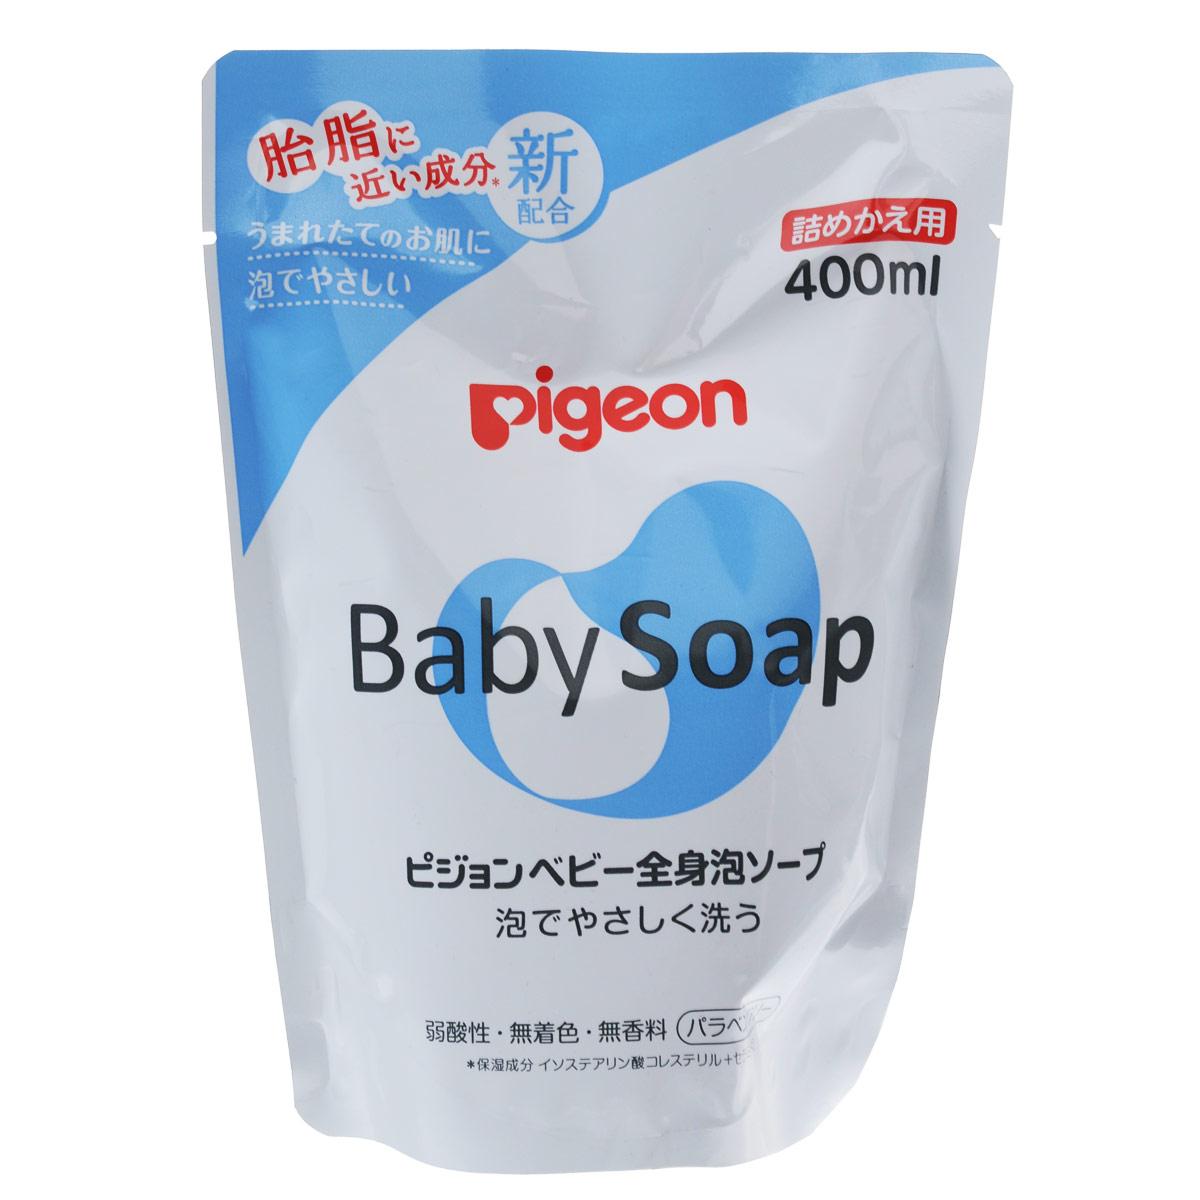 PIGEON Мыло-пенка для младенцев с рождения, сменный блок, 400мл.08252Мыло-пенка Pigeon разработано специально для мытья малыша с рождения. Низкий уровень кислотности такой же, как у нежной кожи младенца. Содержит керамиды, защищающие кожу от потери влаги, делают ее устойчивой к неблагоприятным факторам внешней среды. Моющие аминокислотные компоненты способствуют увлажнению кожи. Не содержит красителей и ароматизаторов. Тщательно моет деликатную кожу младенца, сохраняя ее влажность.